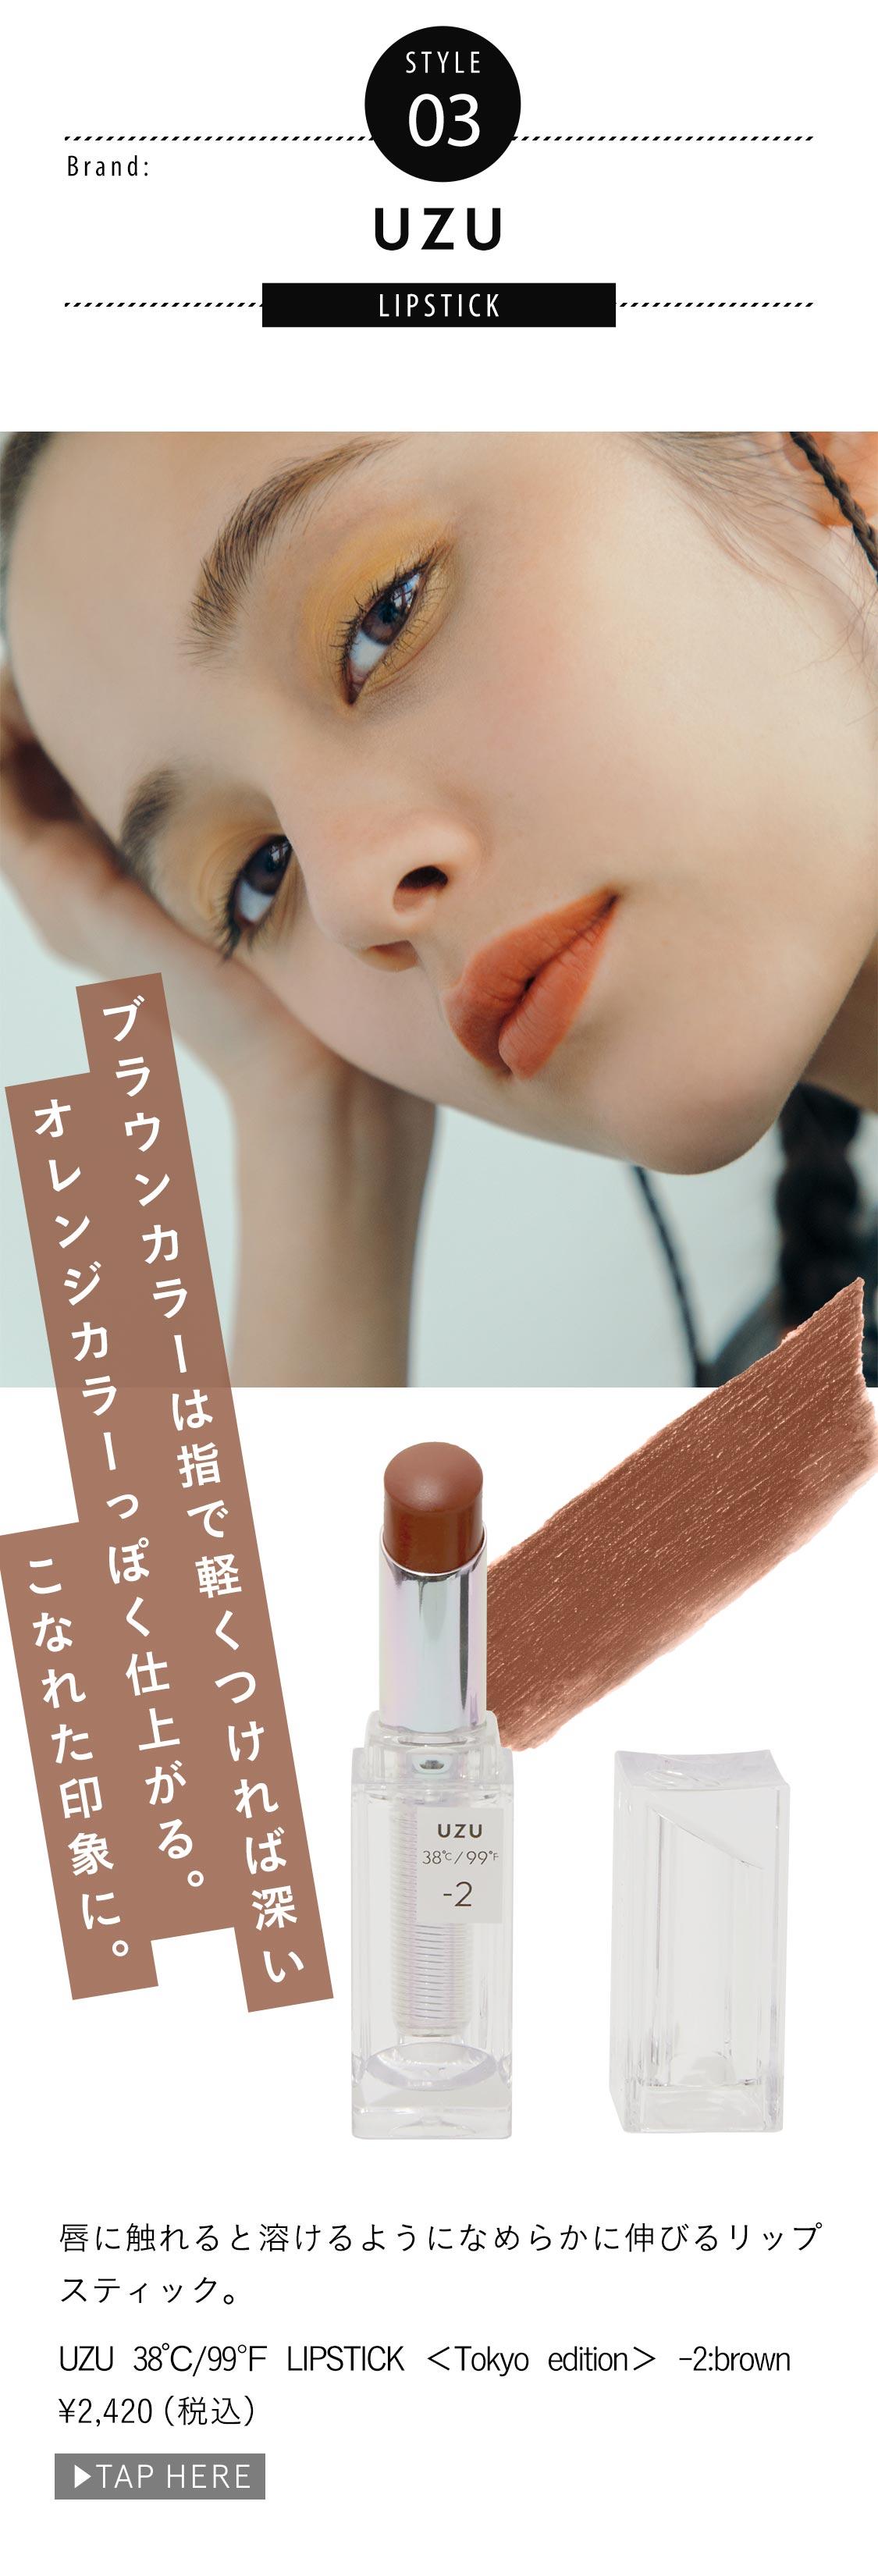 UZU 38°C/99°F LIPSTICK <Tokyo edition> -2:brown ¥2,420(税込)